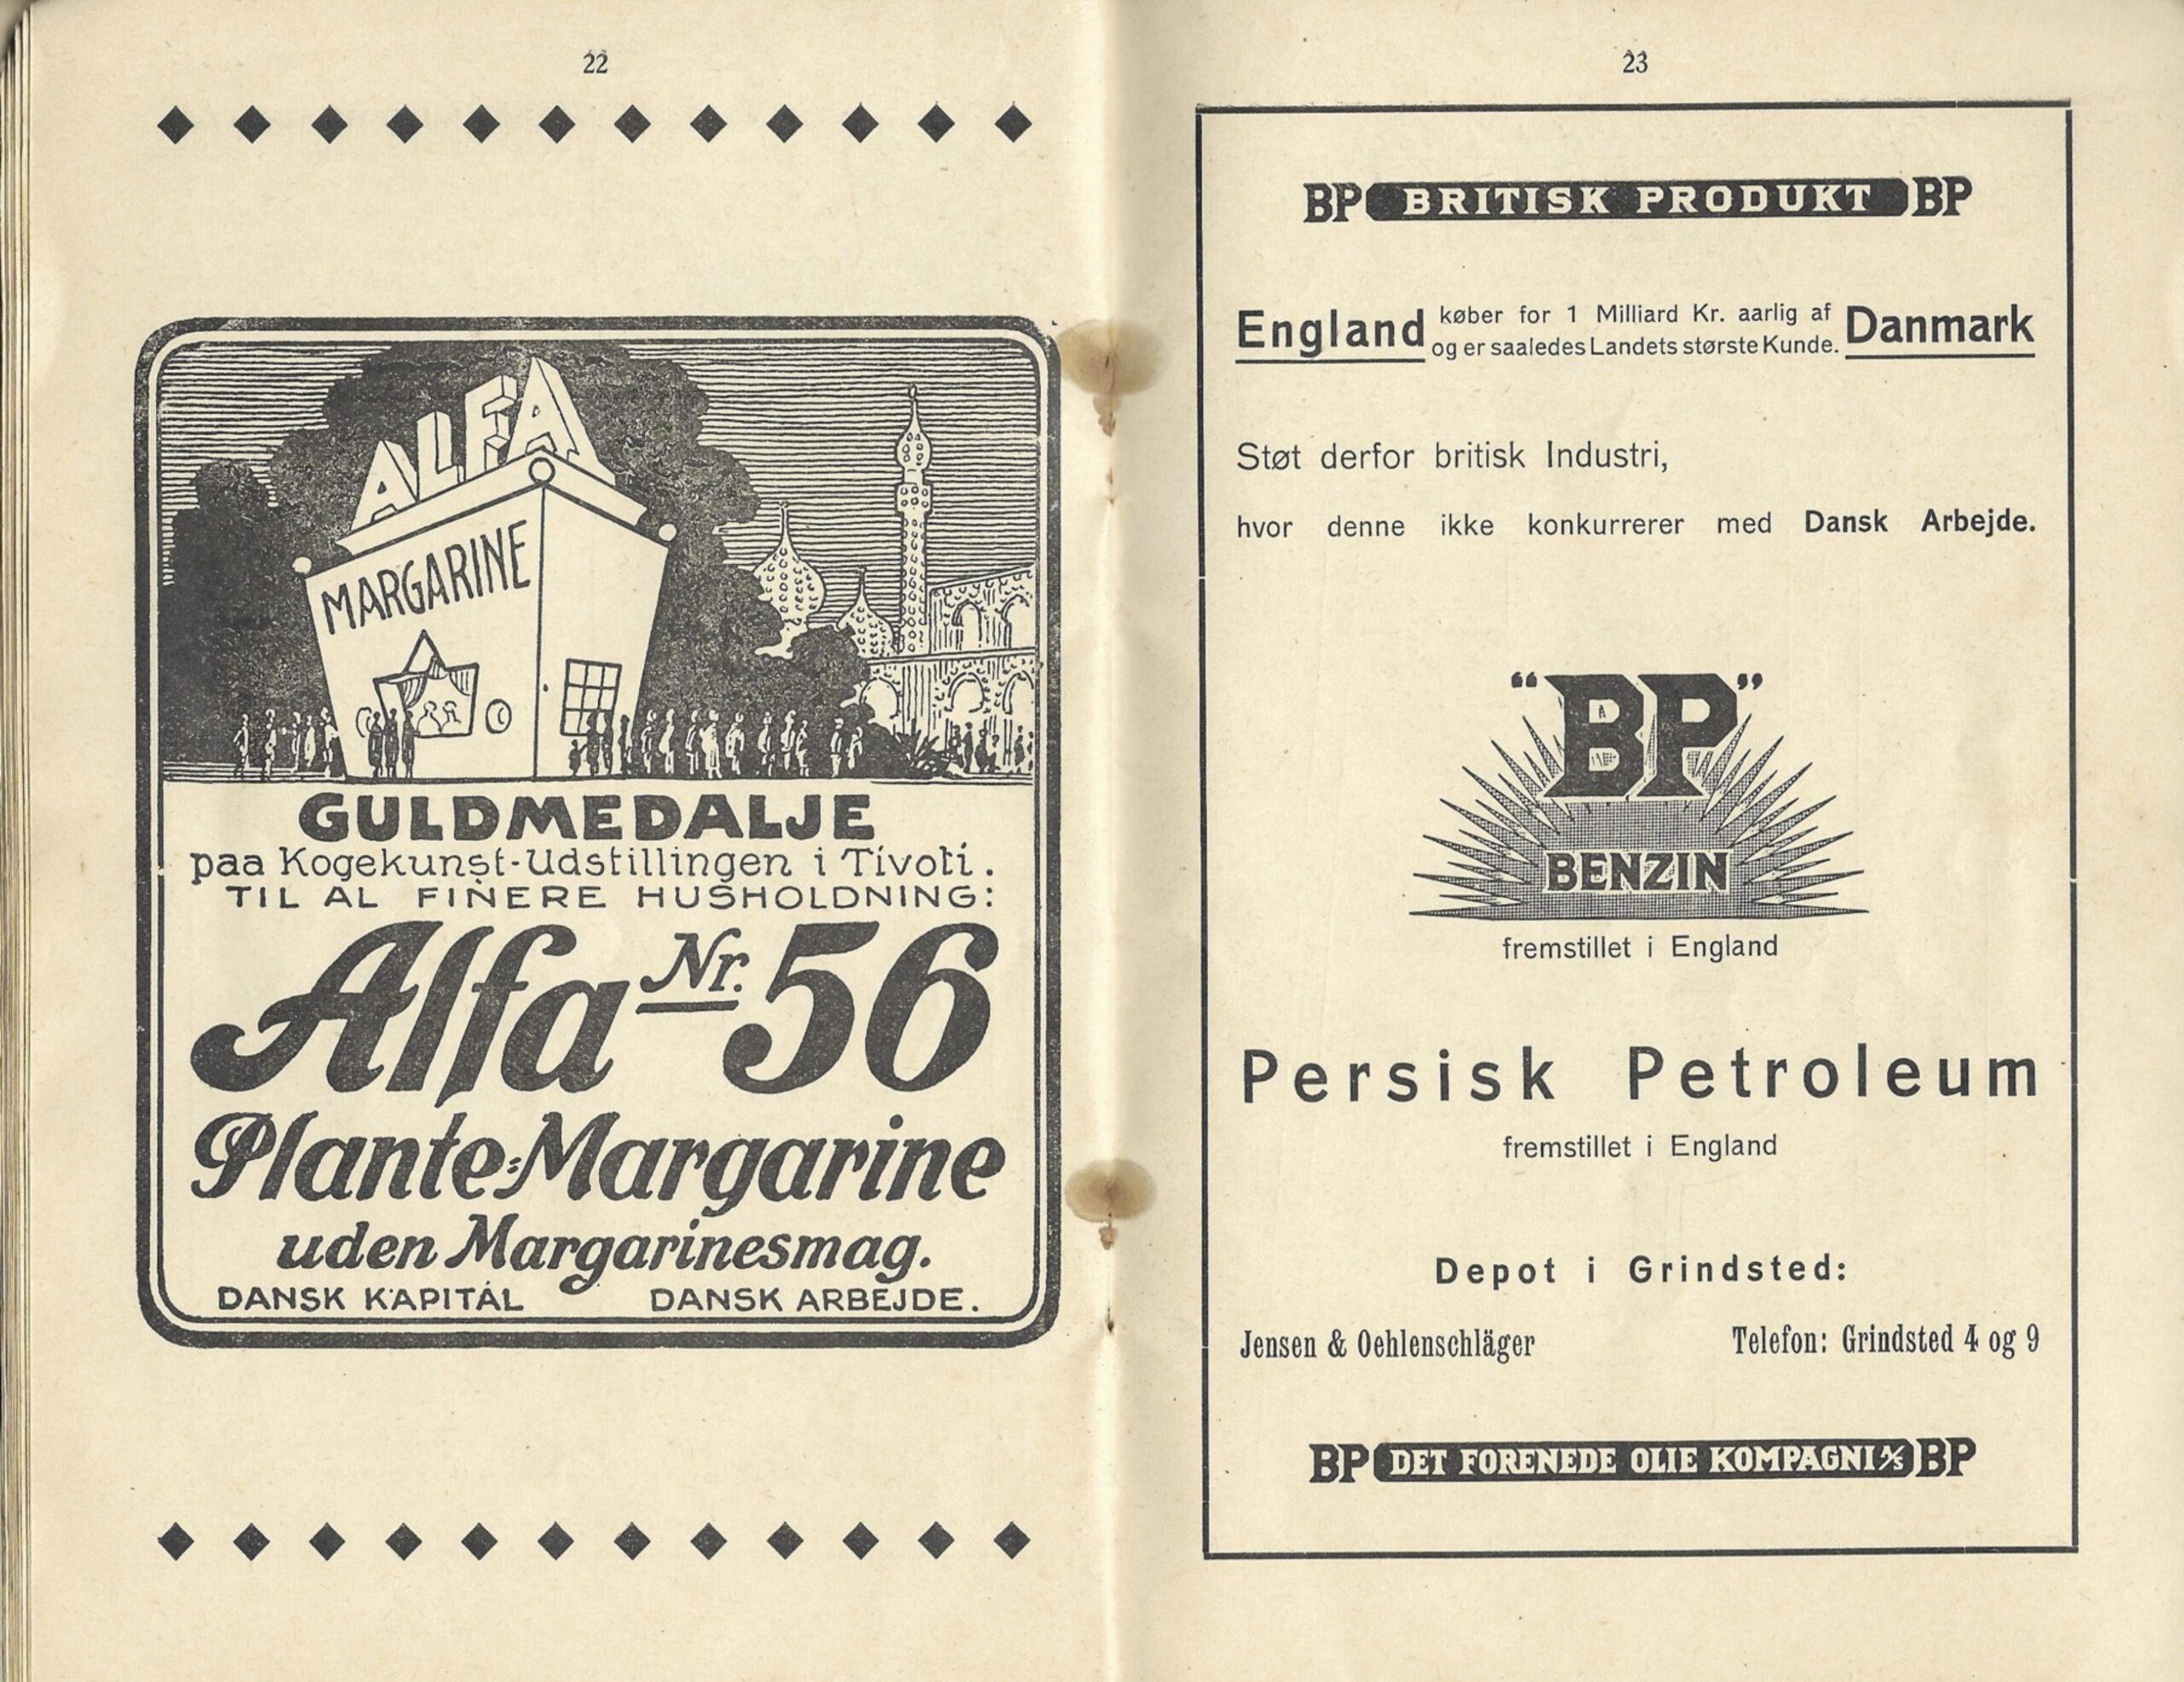 Midtjysk-udstilling-1926-13-scaled